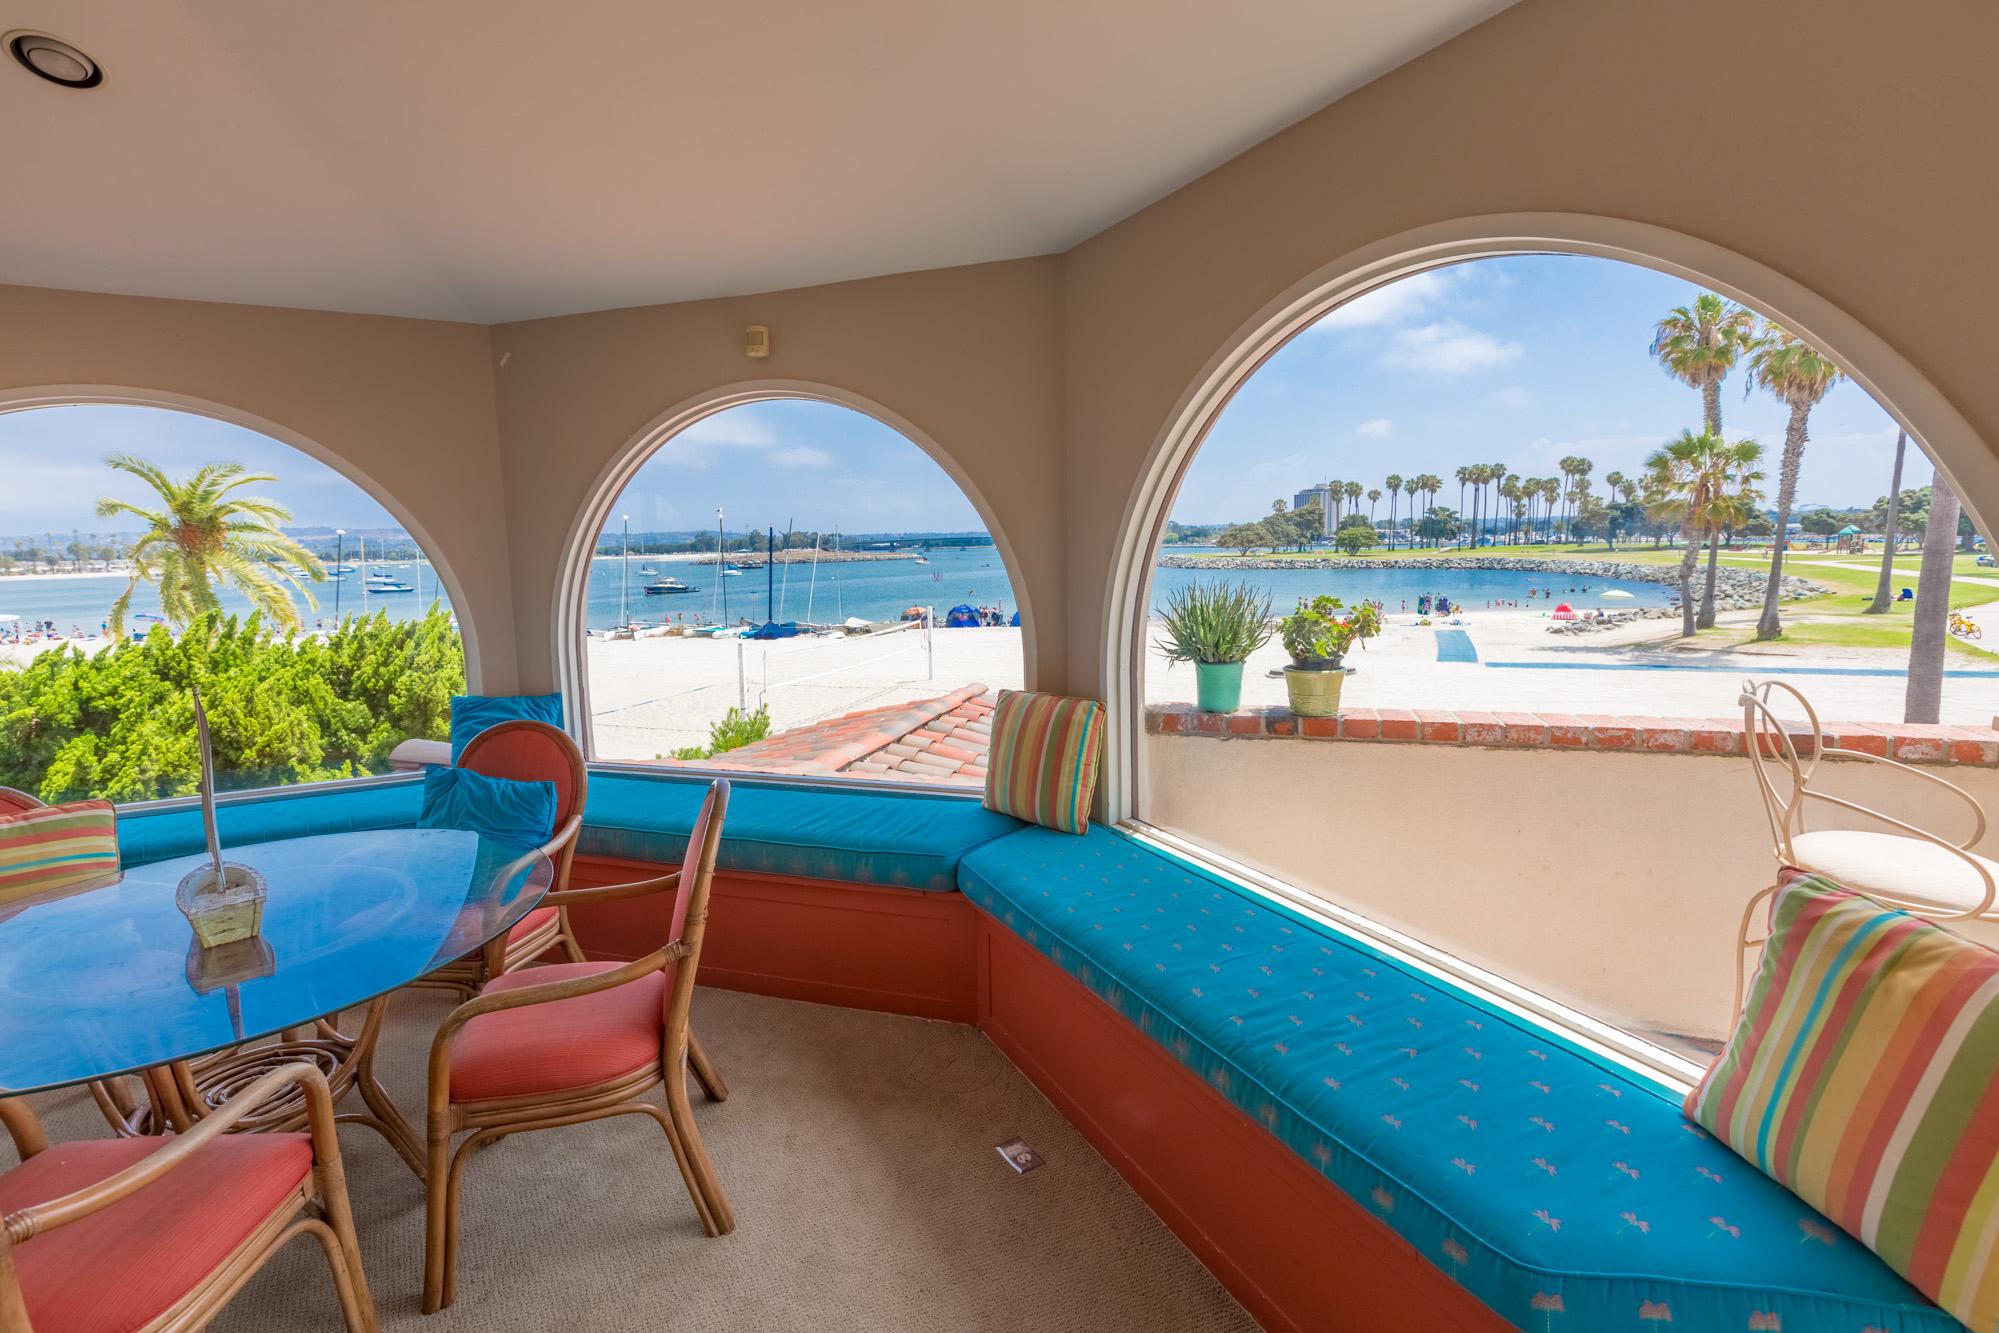 2634 Bayside Walk | South Mission Beach | $1,998,000